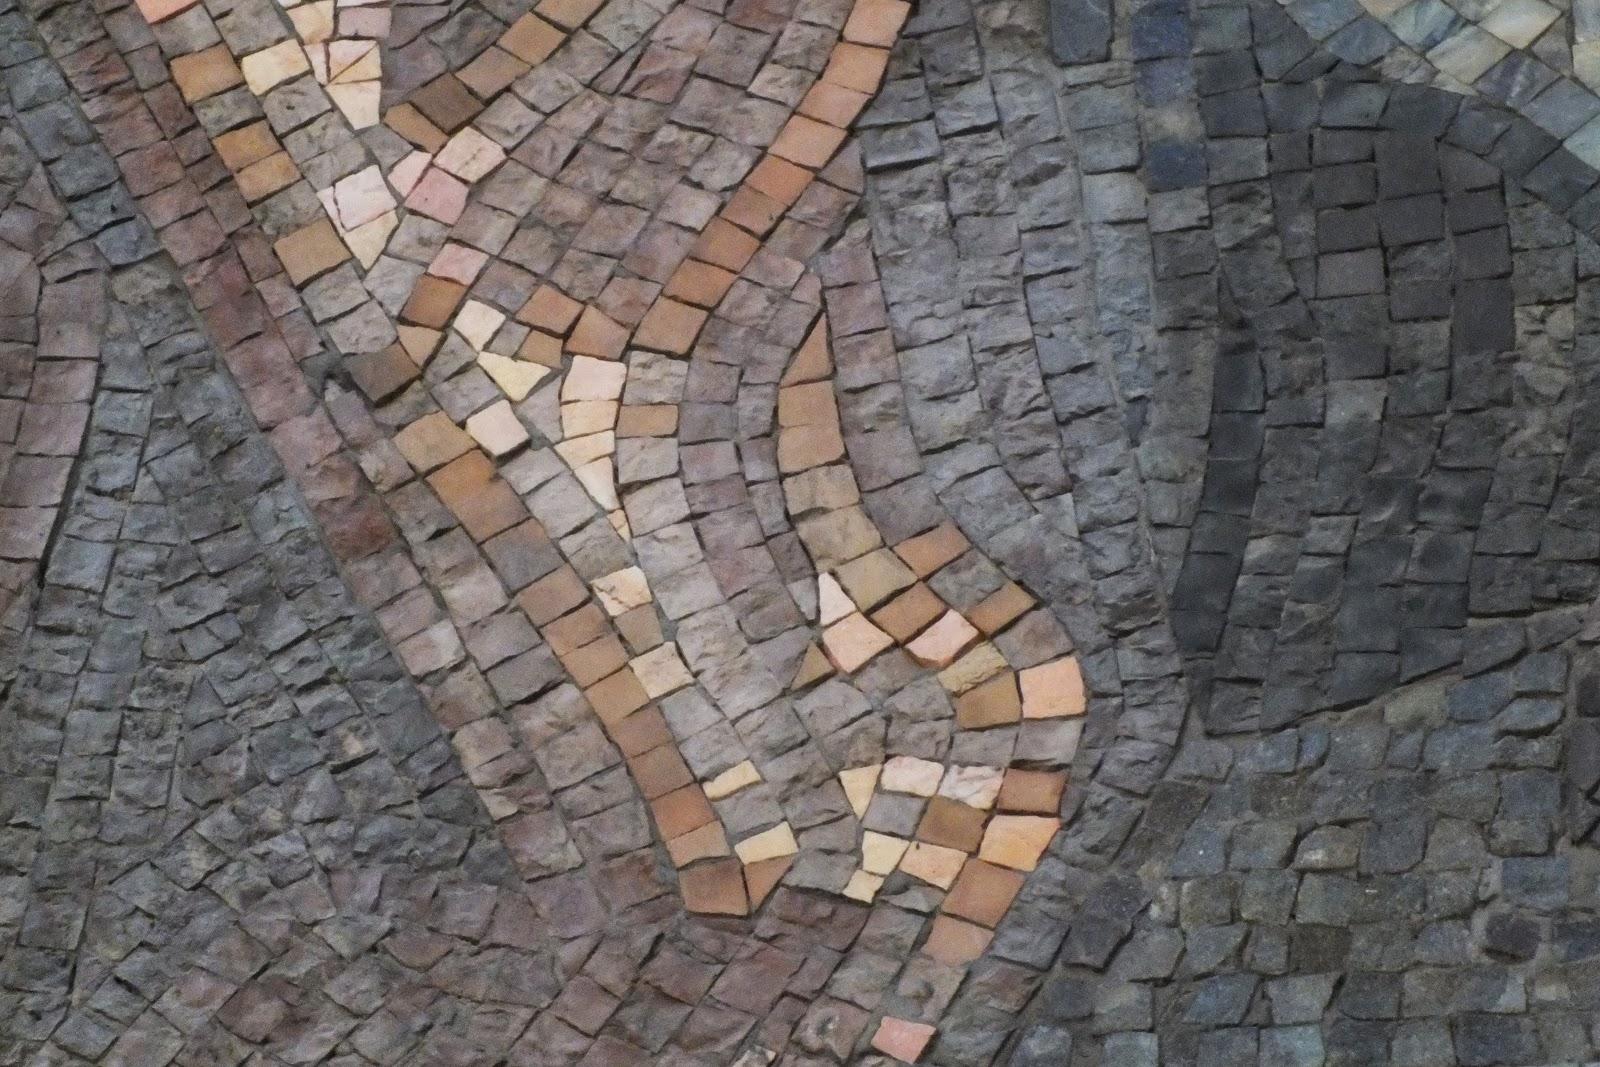 Universidad laboral de gijon los mosaicos del exterior de for Mosaicos para exterior